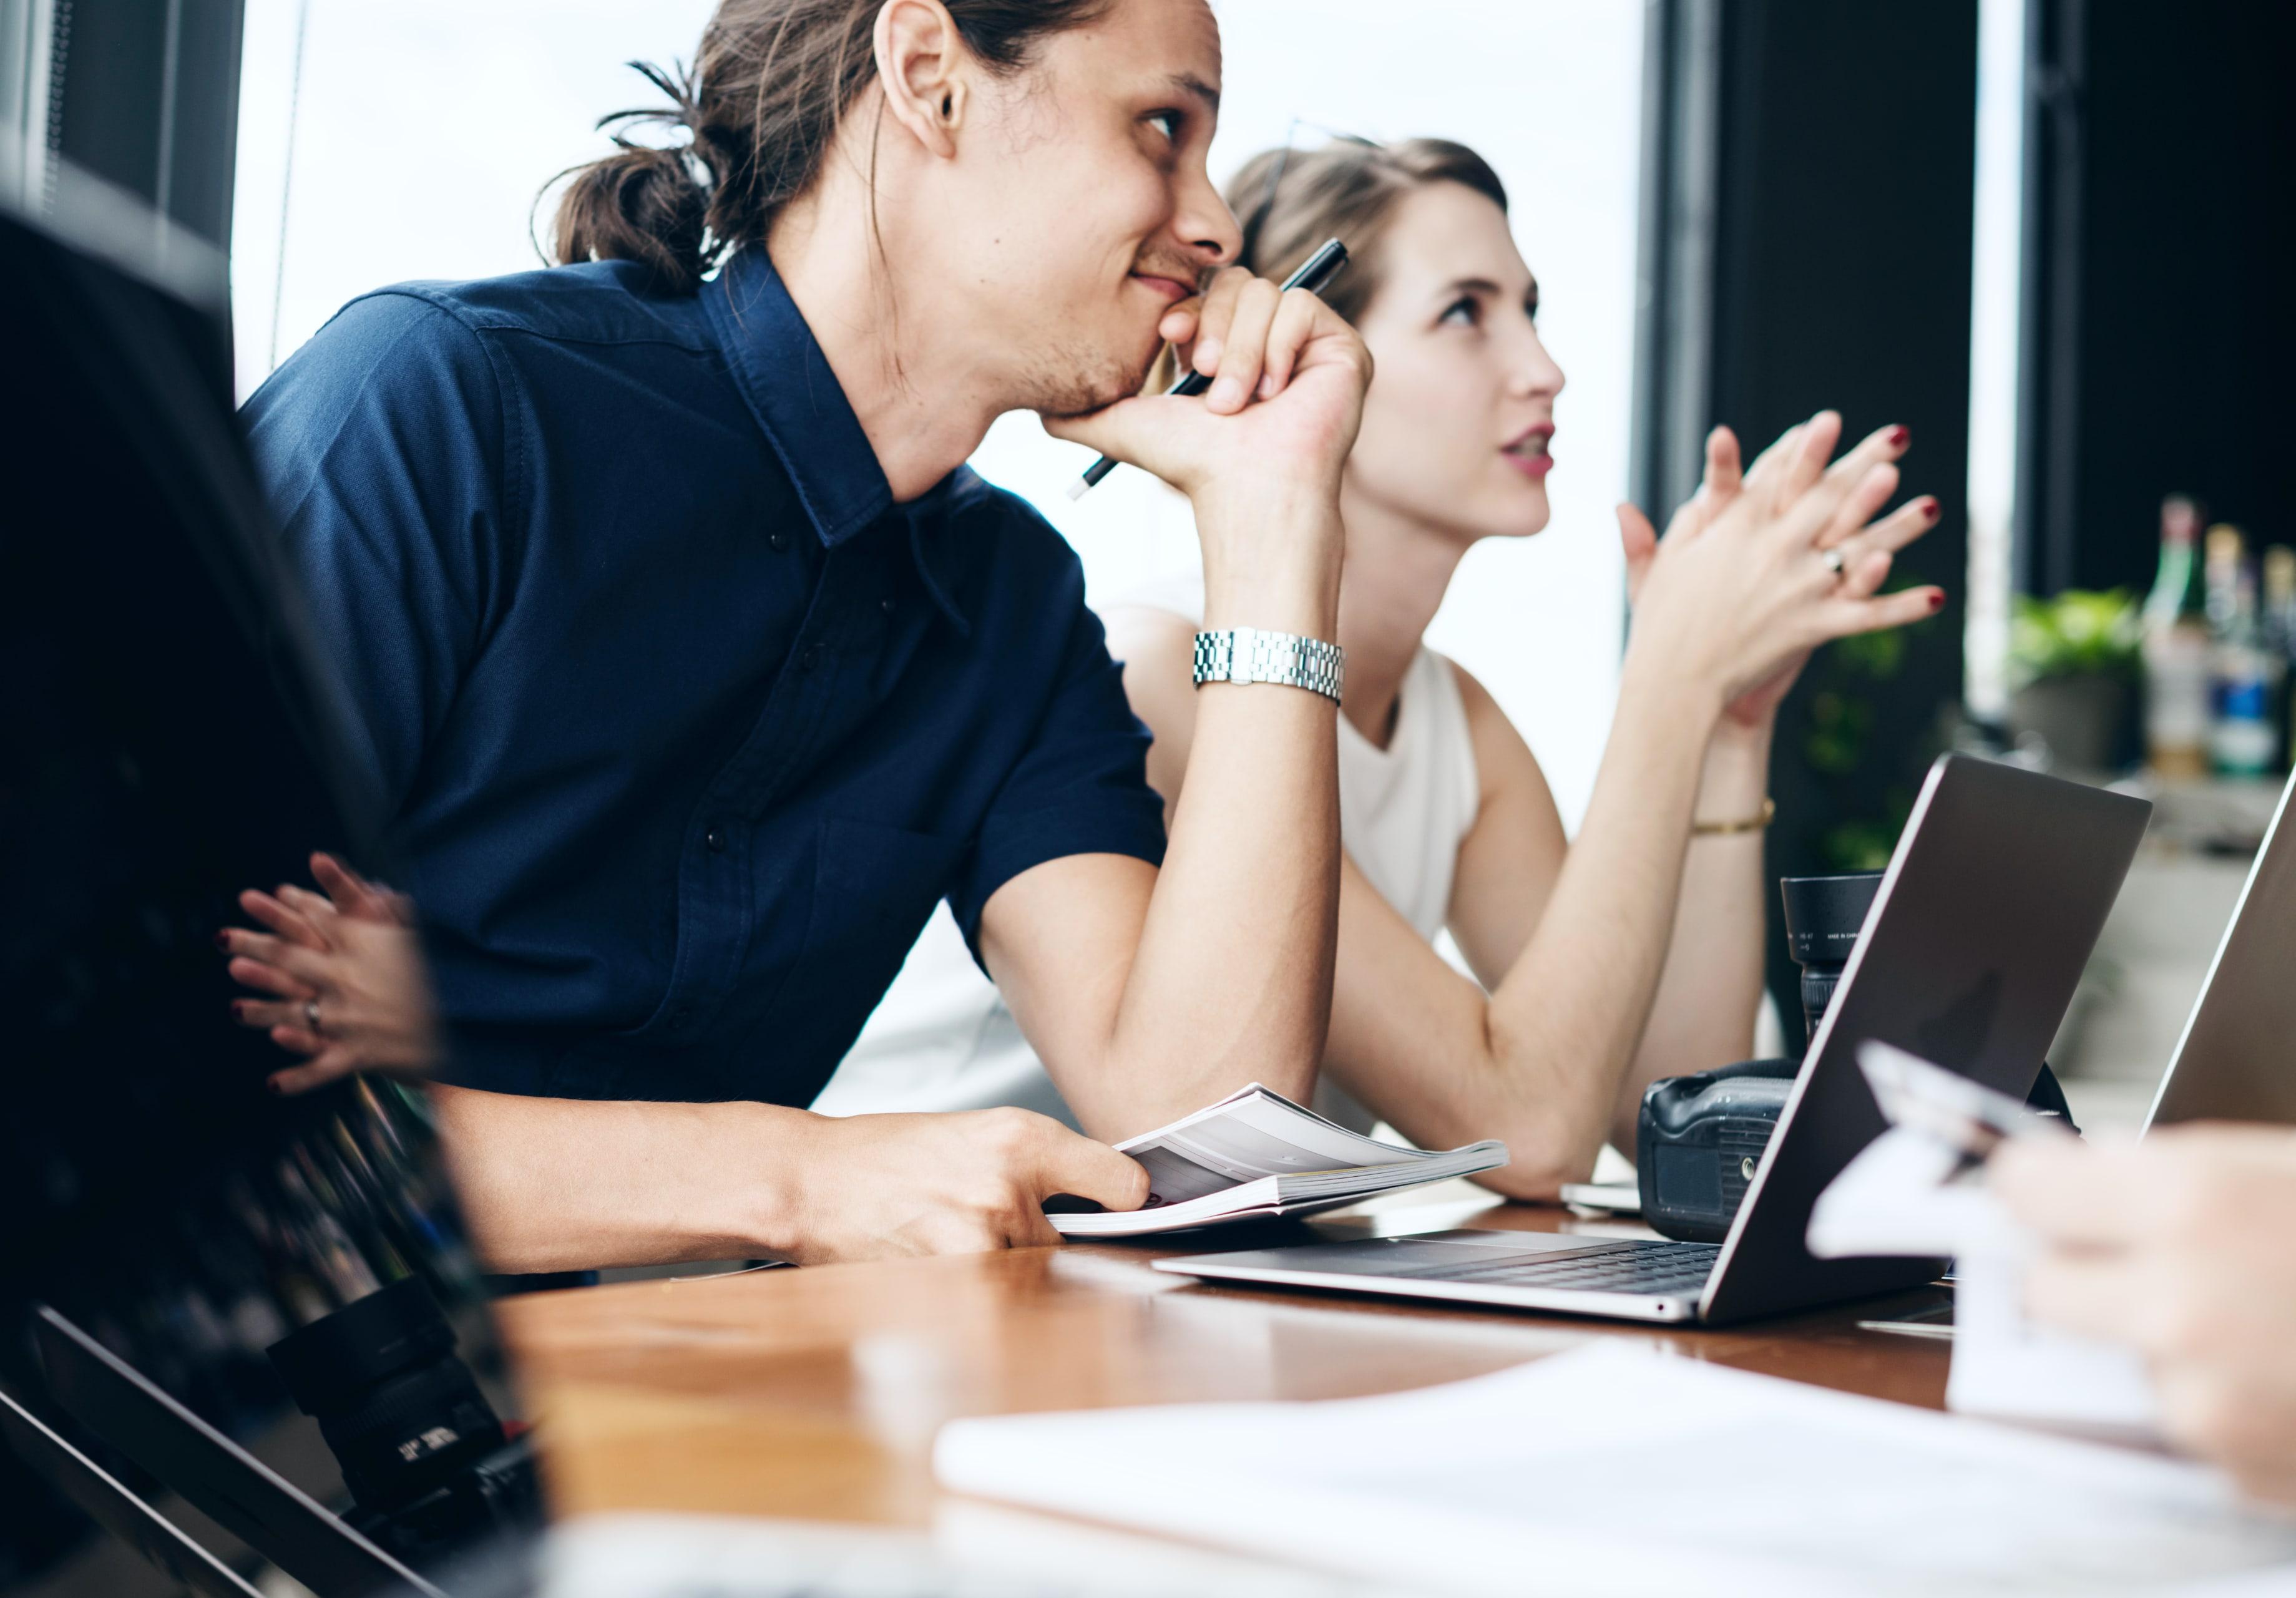 Het concurrentievoordeel: wat maakt uw kantoor uniek?